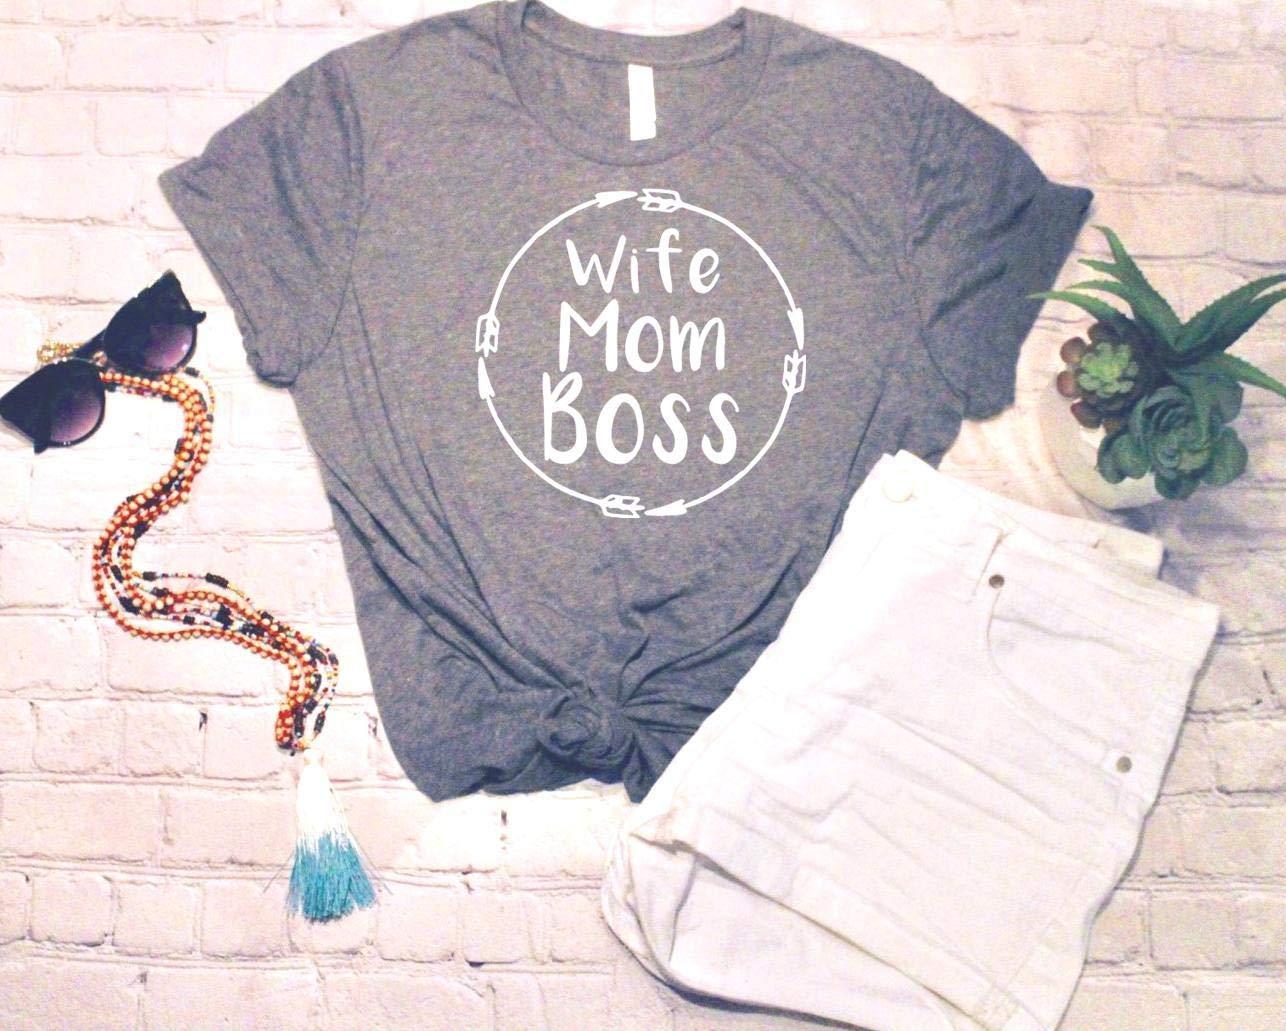 Wife Mom Boss, Football tee, Tee Shirt, Soft Tee, Tshirt, Tee